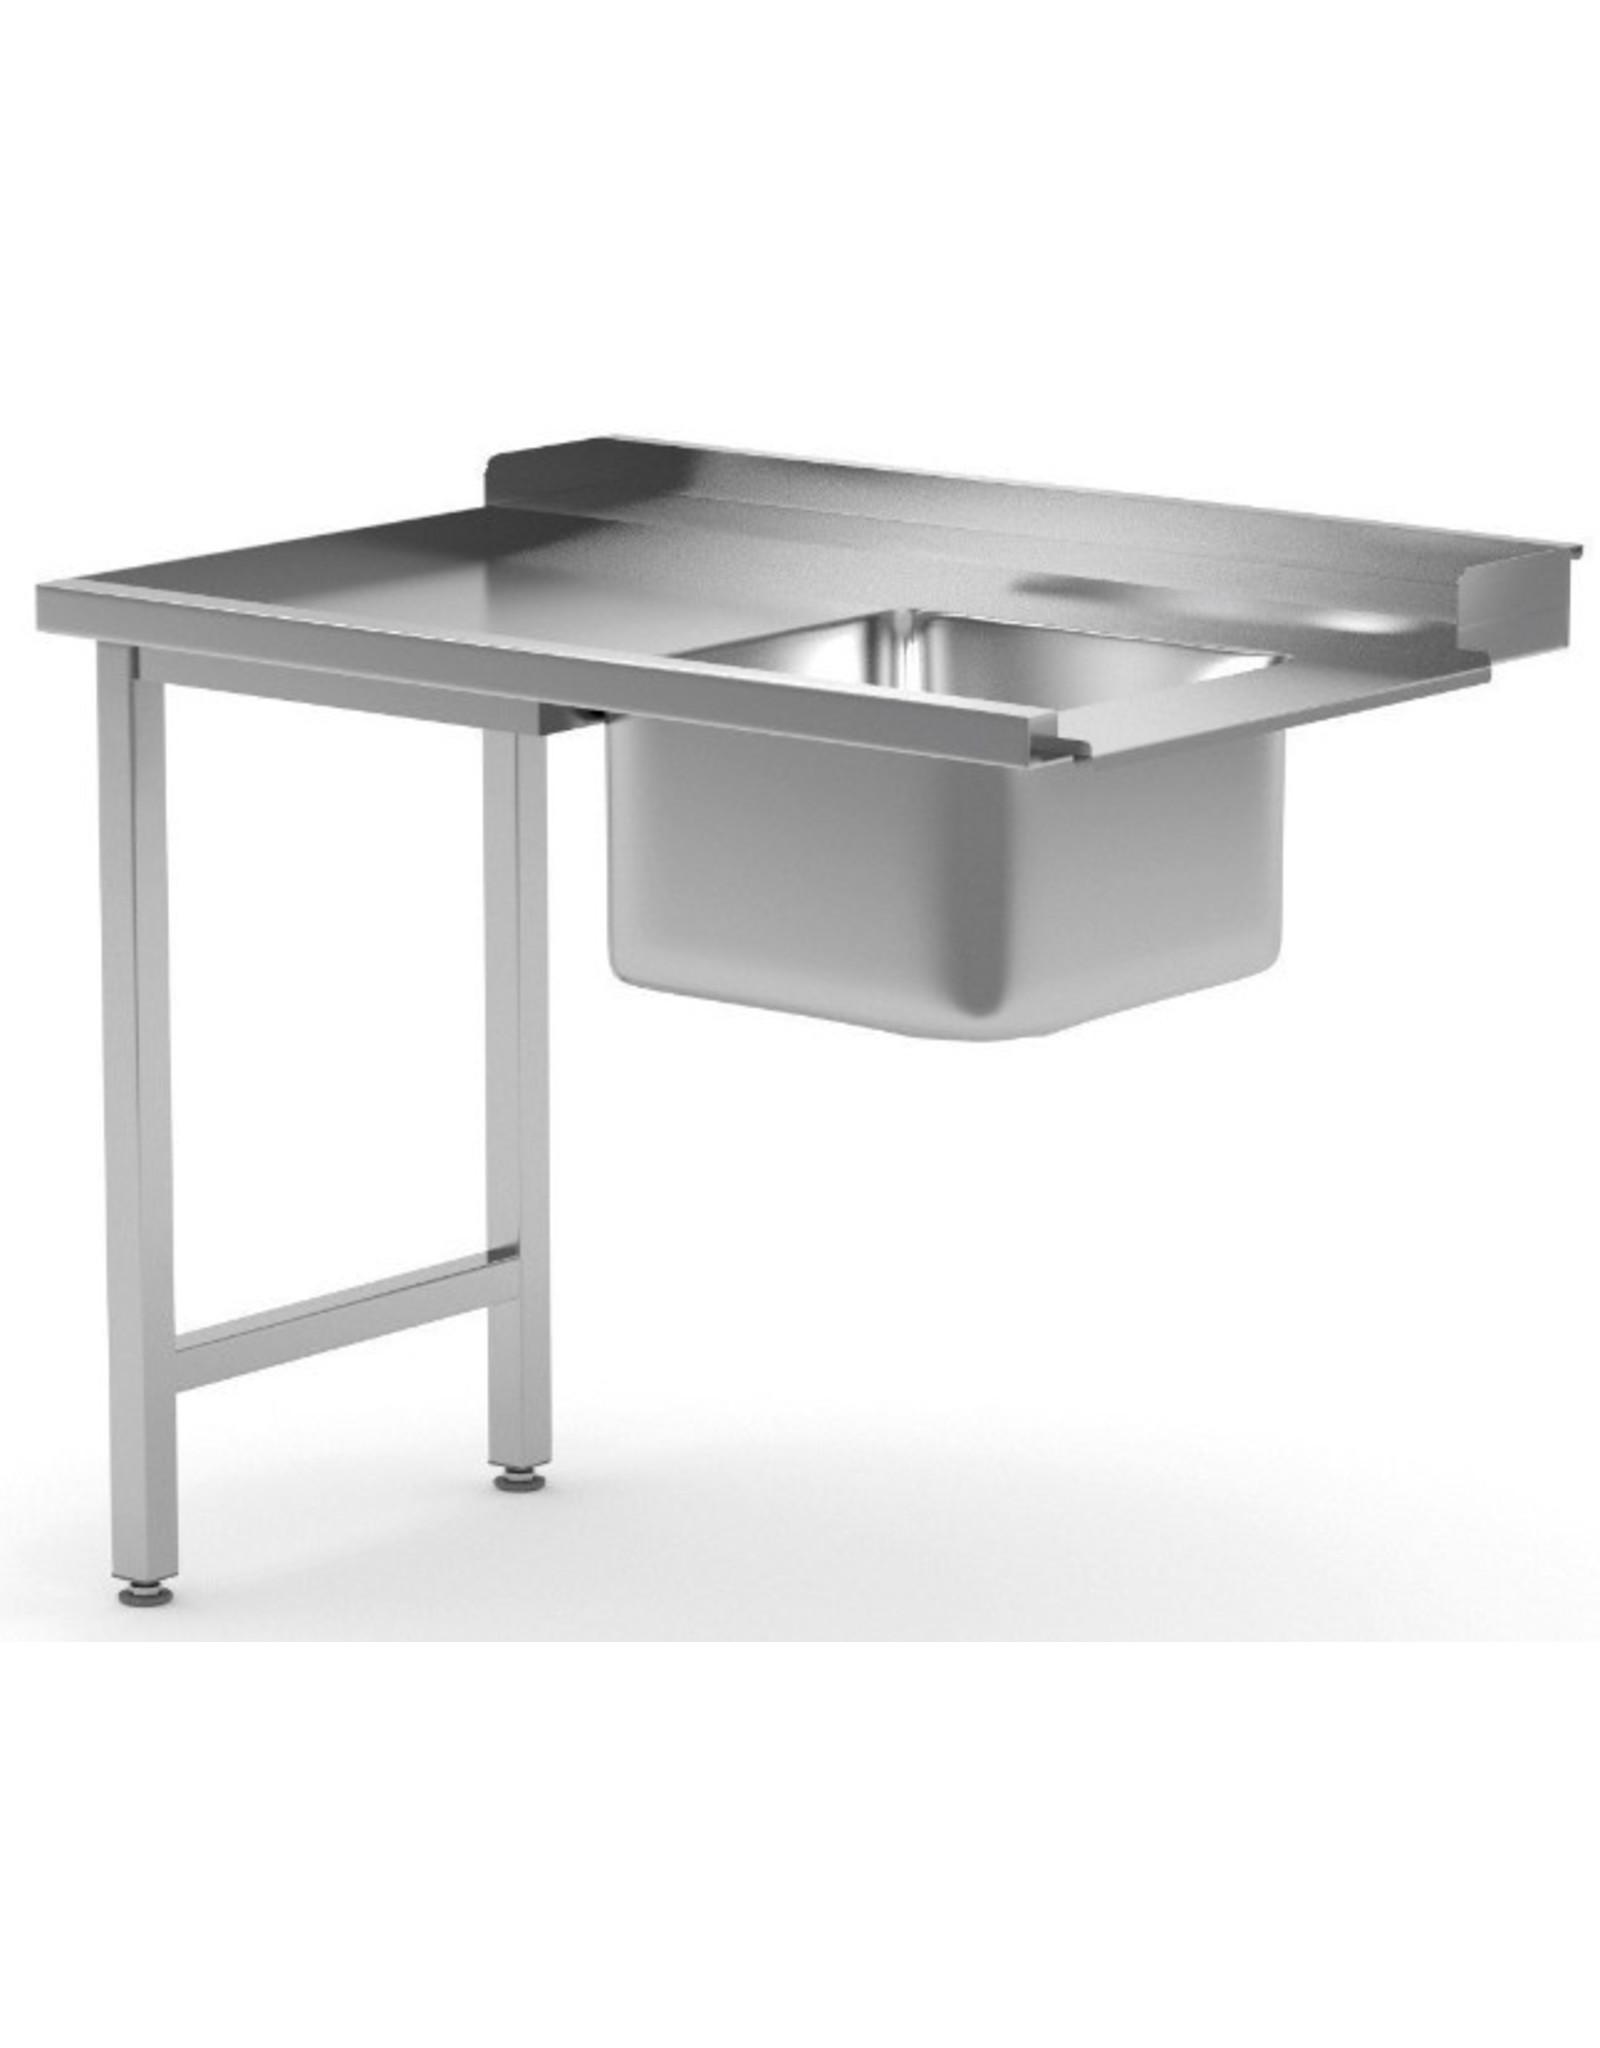 Aanvoertafel doorschuifvaatwasser | inhaak model | links van vaatwasser | 800-1400mm breed | 700 of 760mm diep